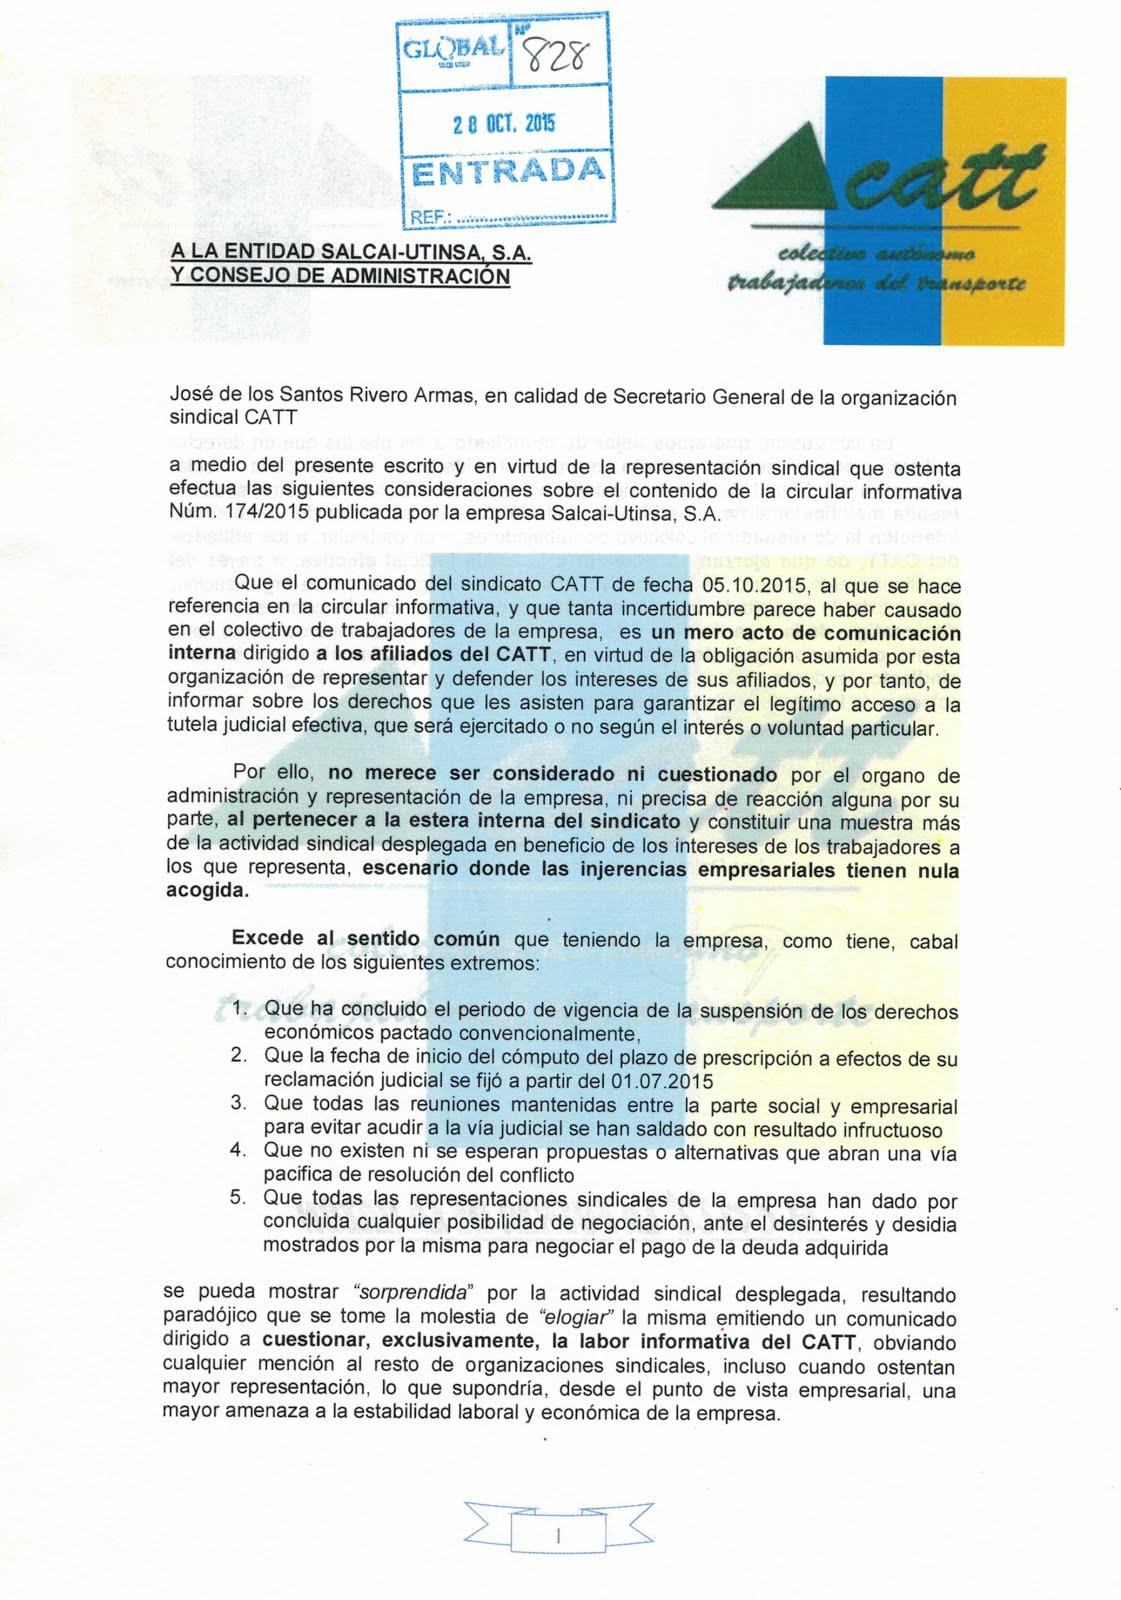 RESPUESTA DEL CATT AL CONSEJO DE ADMINISTRACIÓN DE SALCAI-UTINSA S.A.